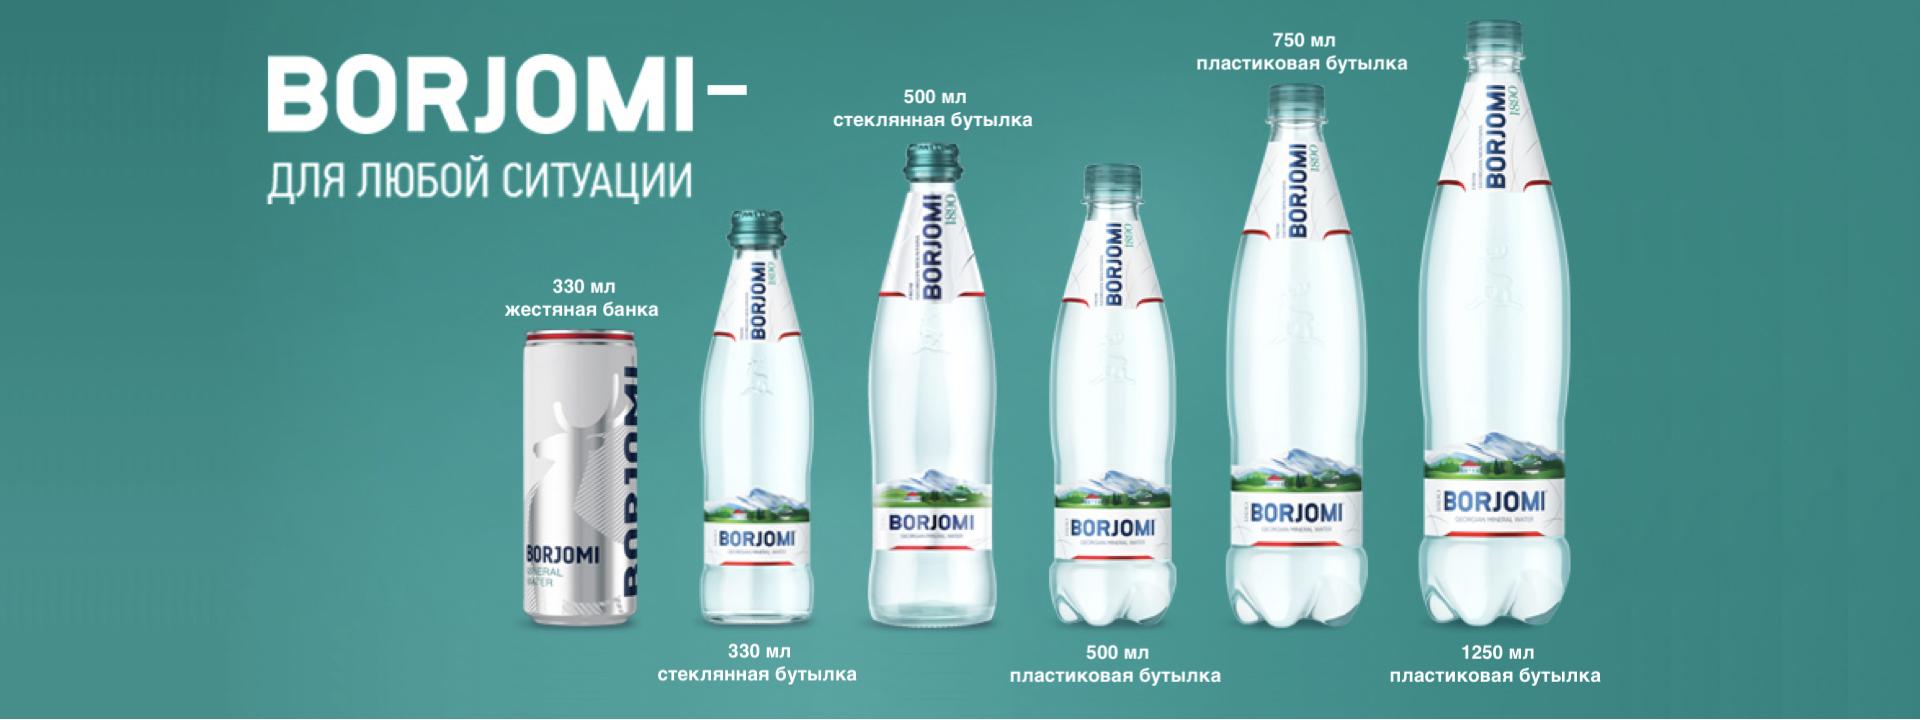 Купить воду Боржоми в Москве с доставкой на дом